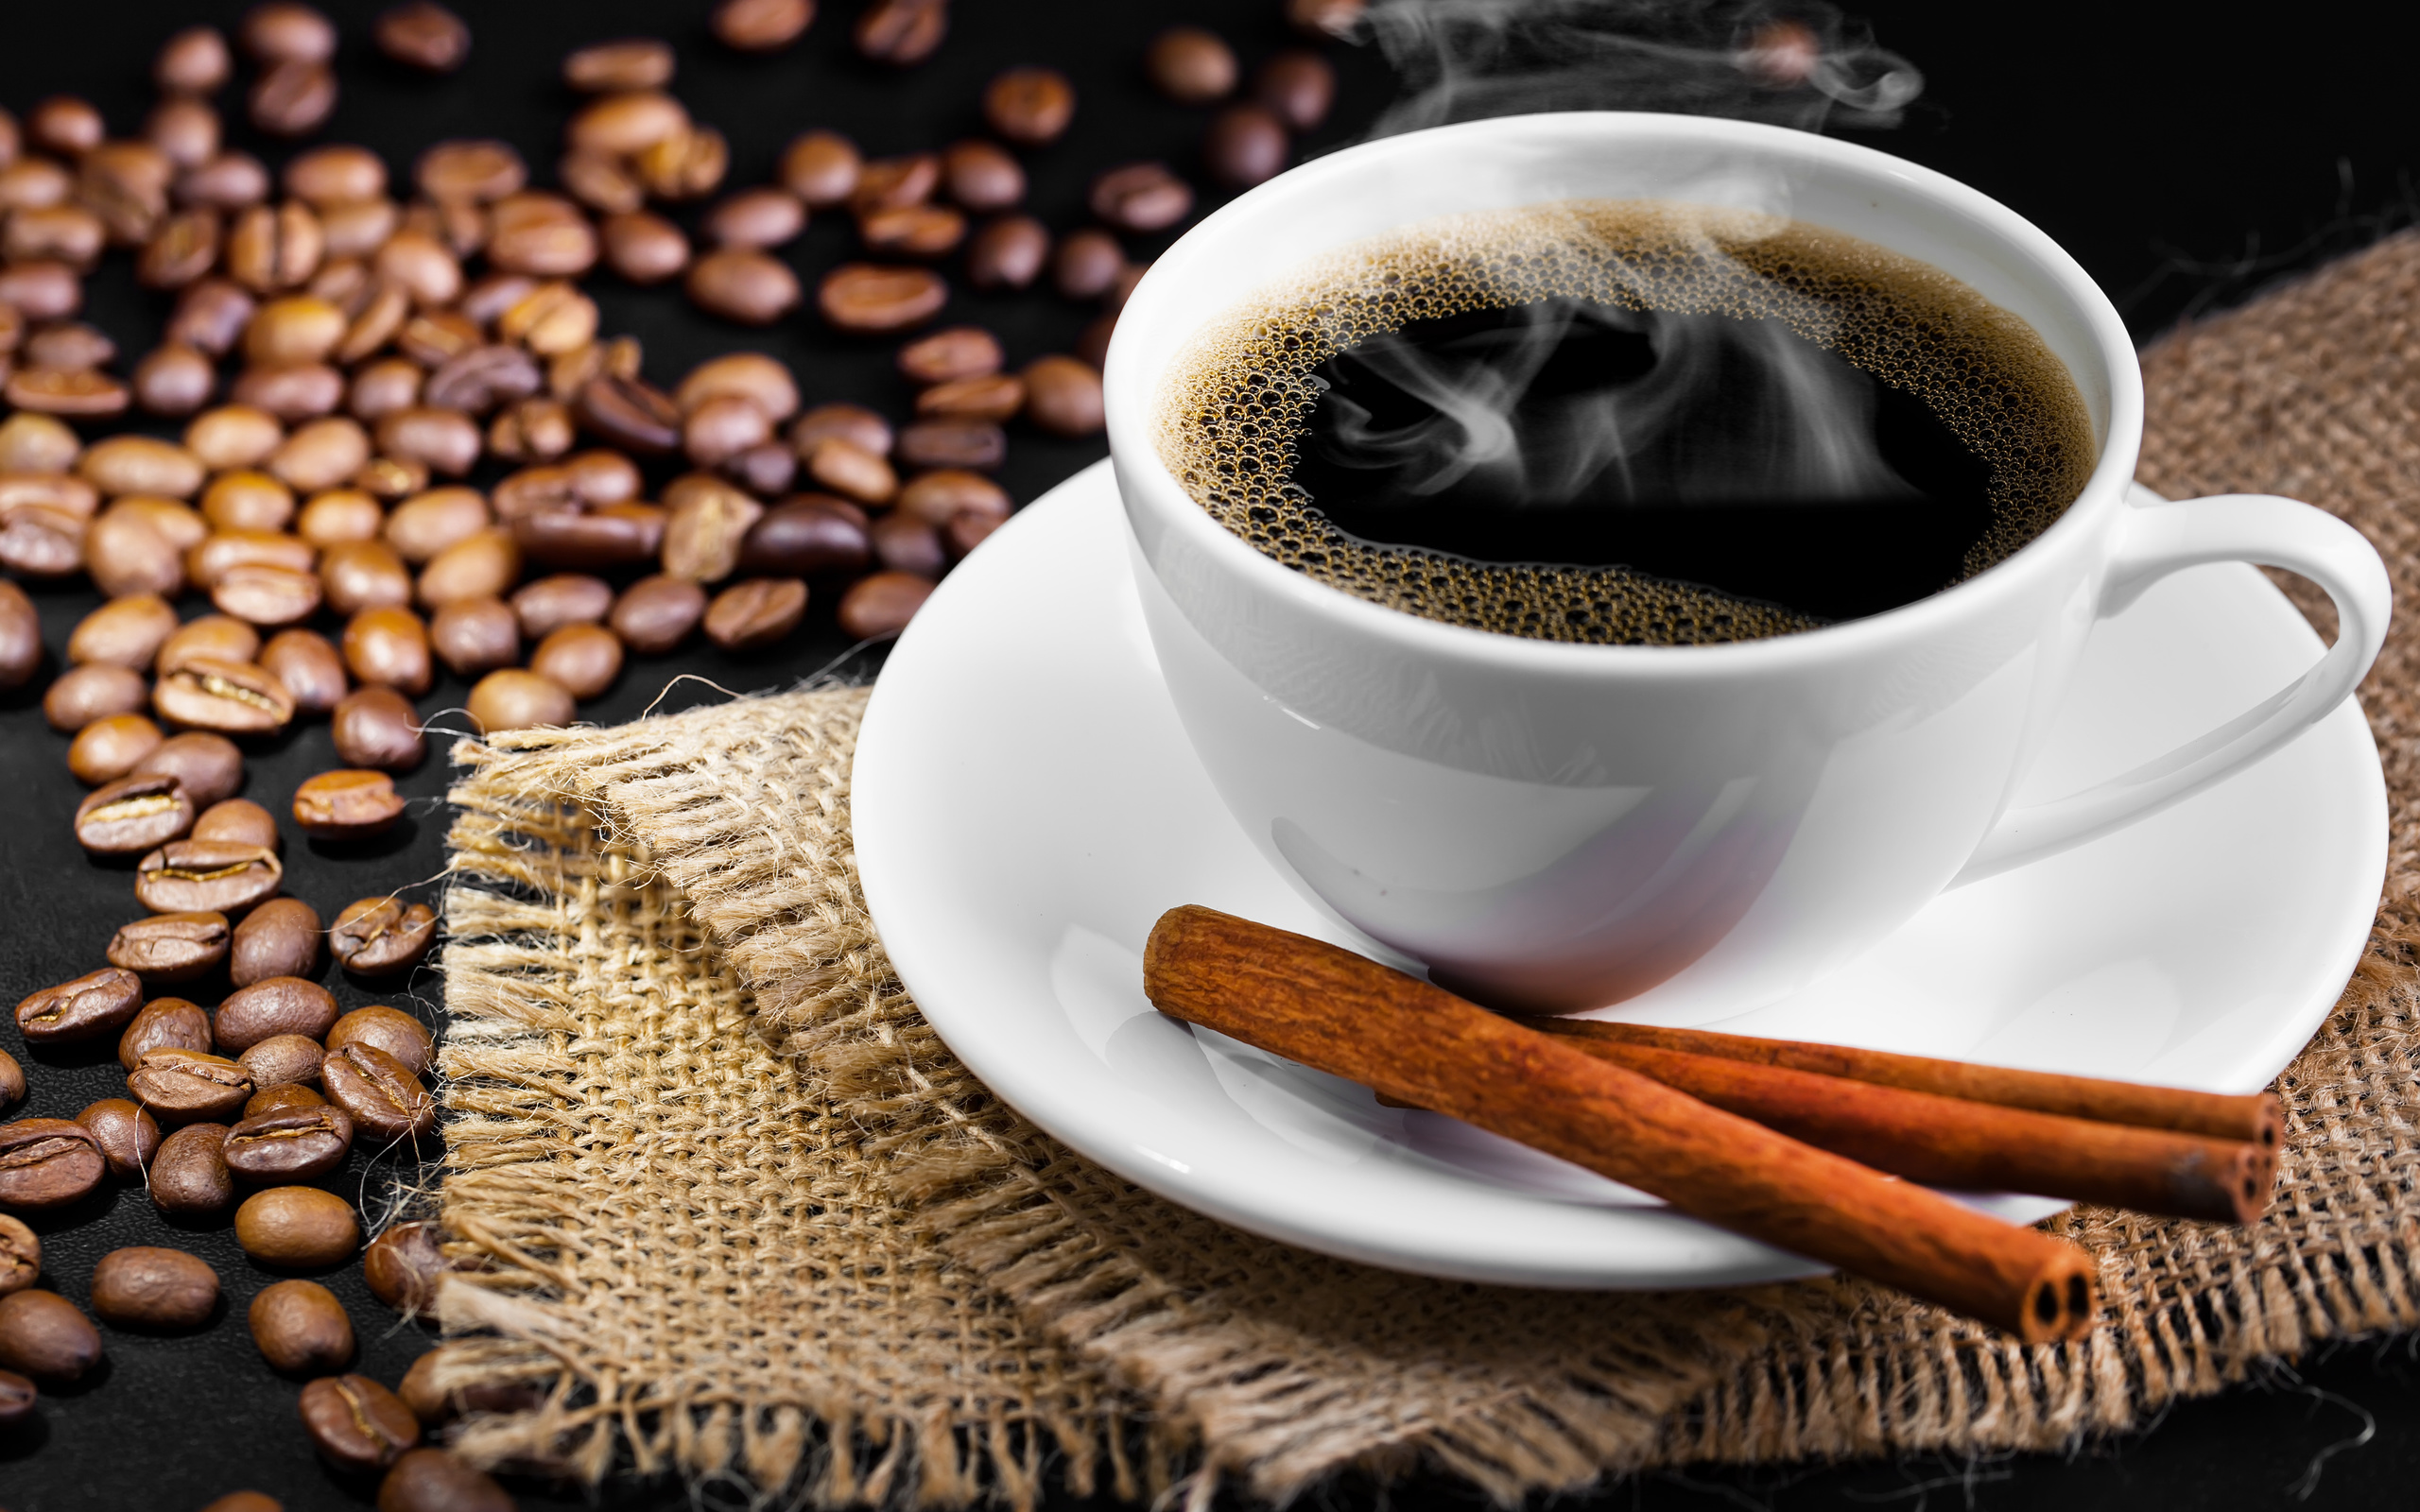 Чашечка кофе красивые картинки, ученики картинки